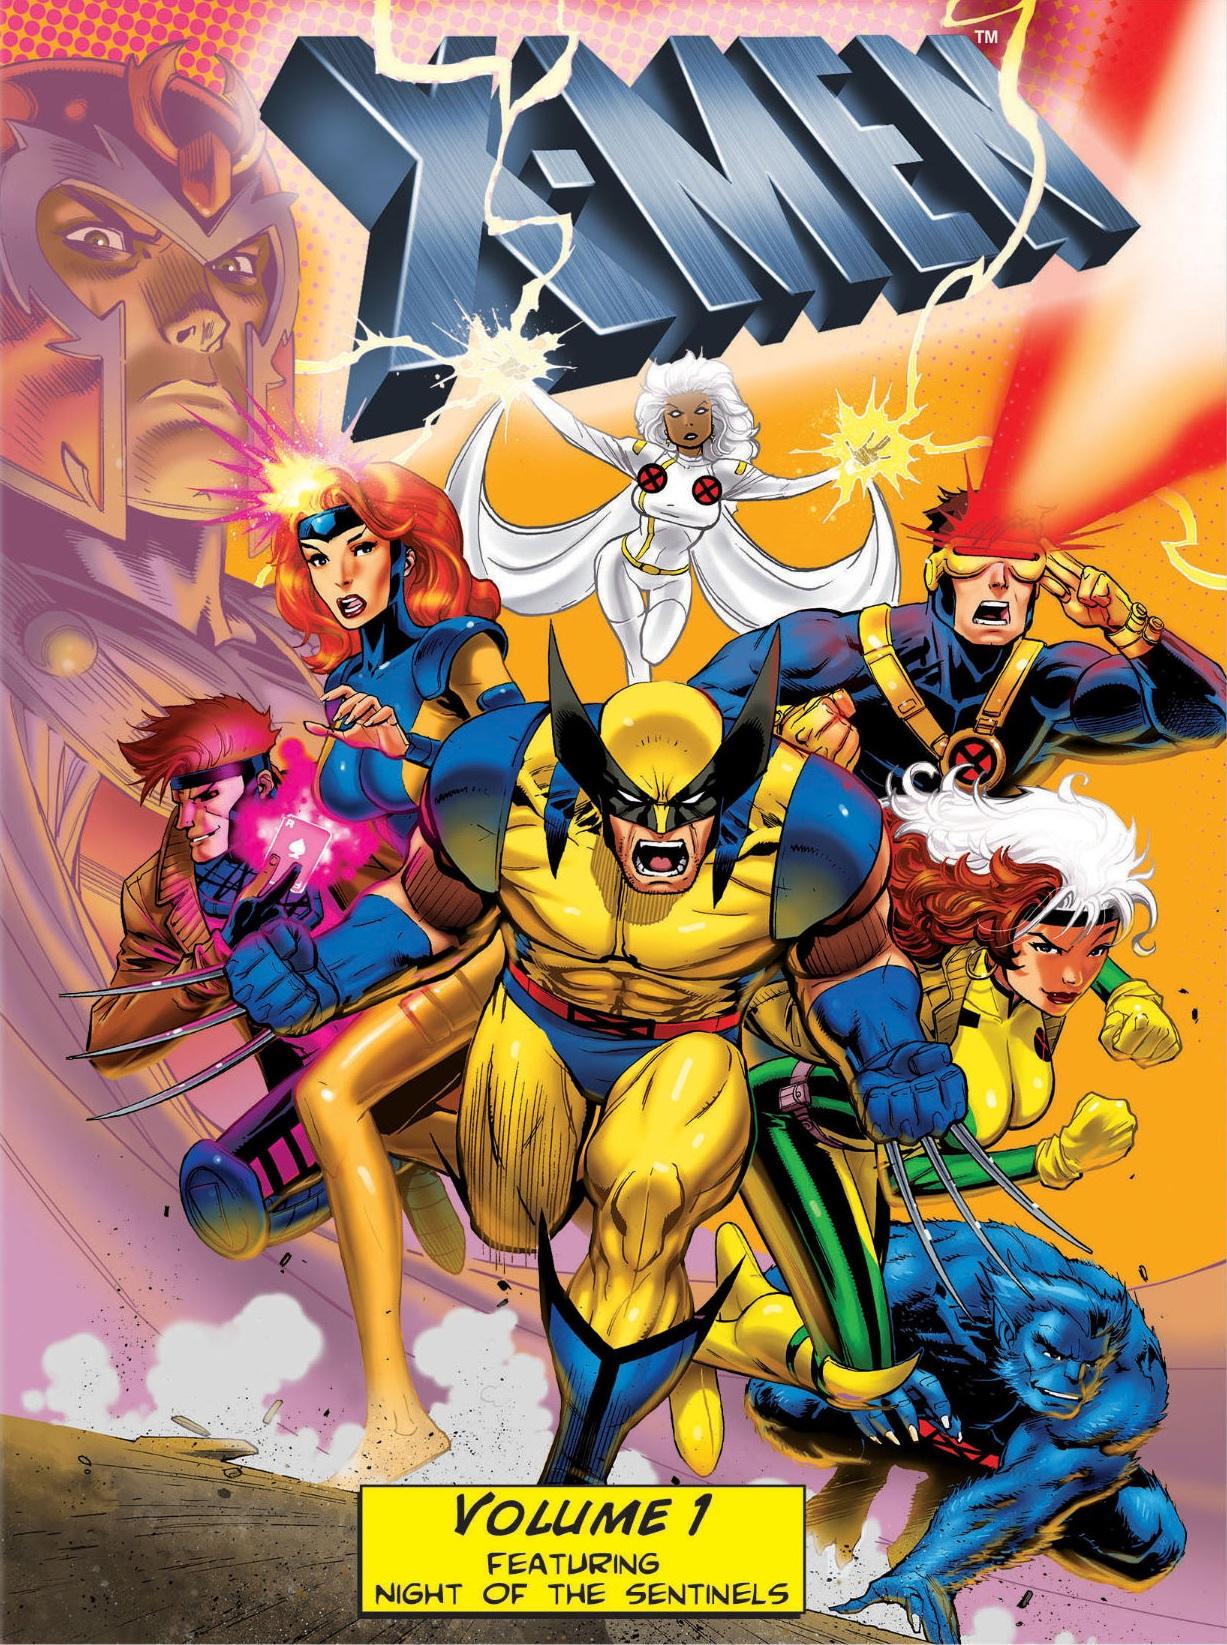 posters das animações: wolverine and the x-men e x-men ...